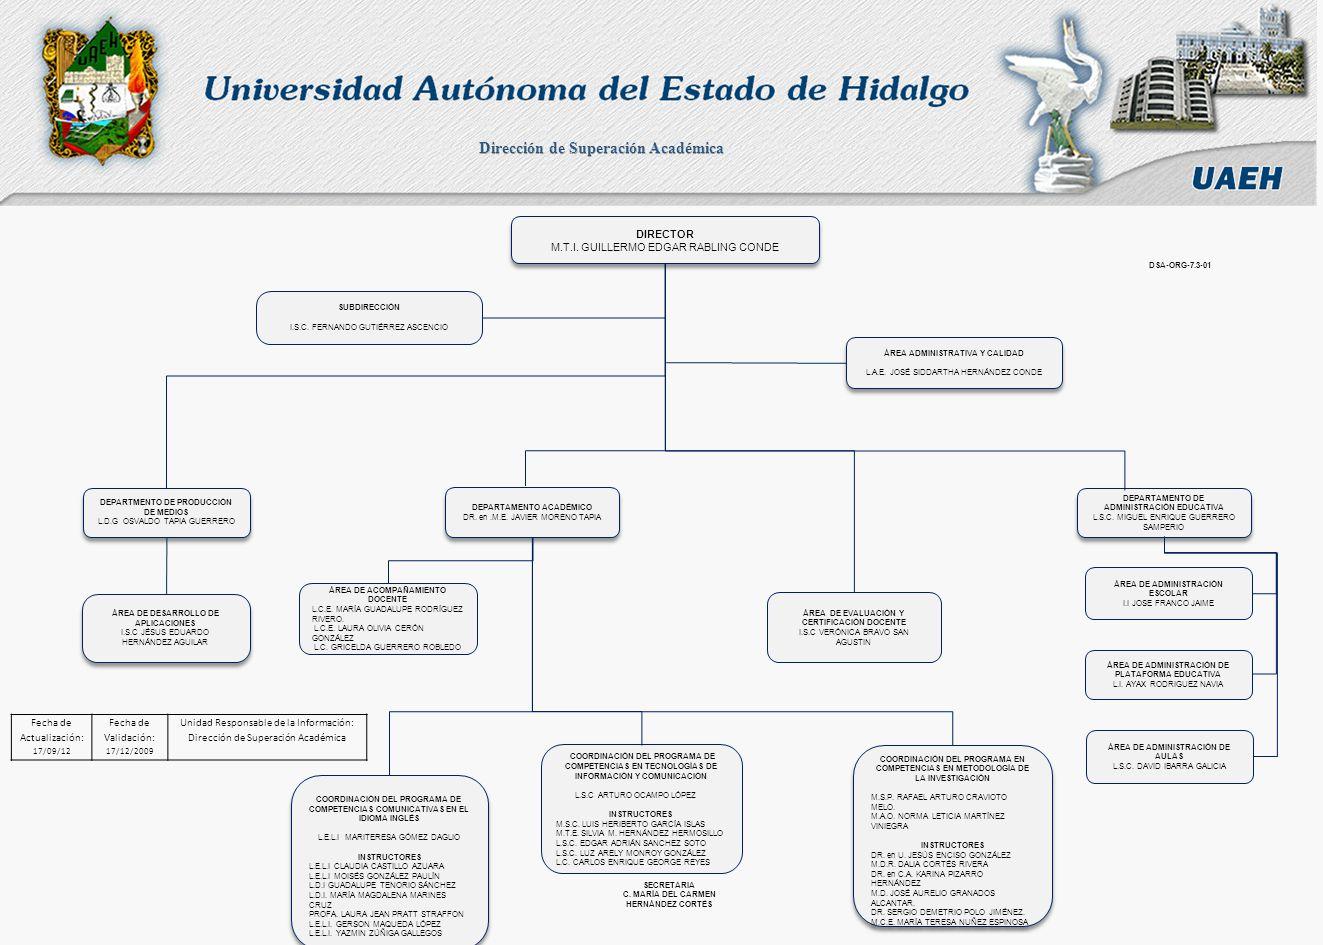 ÁREA ADMINISTRATIVA Y CALIDAD L.A.E. JOSÉ SIDDARTHA HERNÁNDEZ CONDE ÁREA ADMINISTRATIVA Y CALIDAD L.A.E. JOSÉ SIDDARTHA HERNÁNDEZ CONDE DEPARTMENTO DE